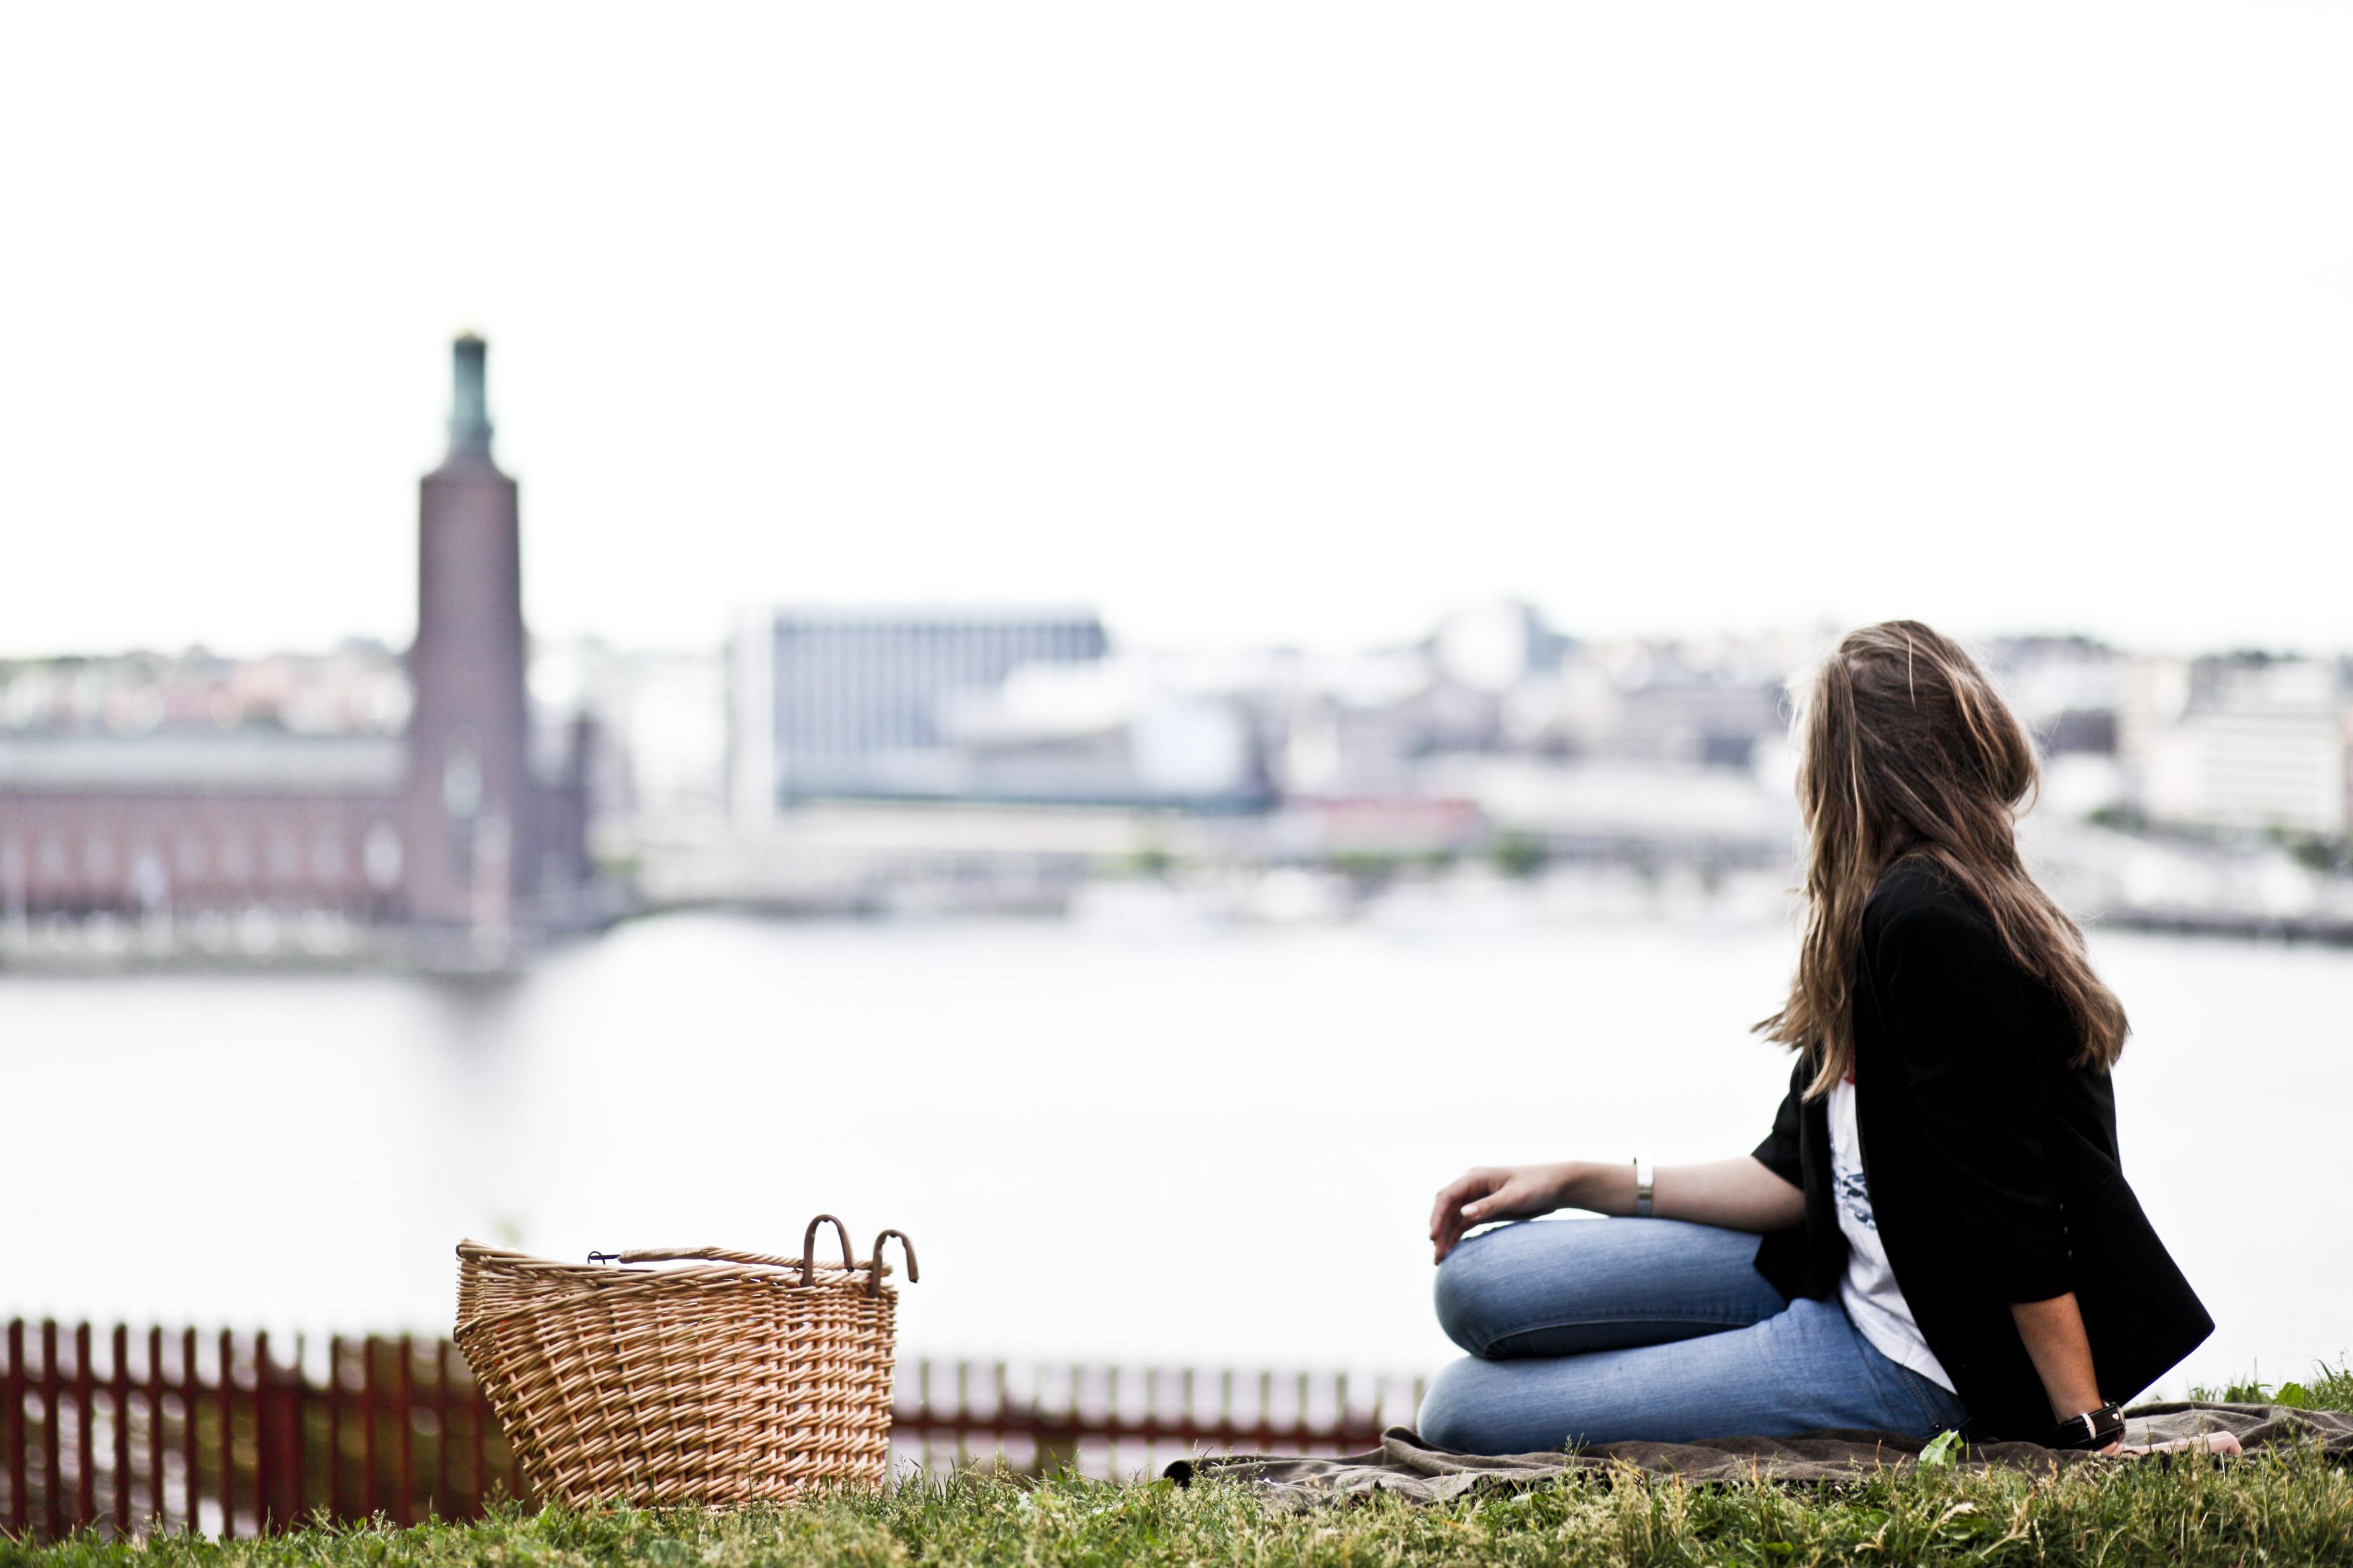 瑞典斯德哥尔摩有什么好玩的,瑞典旅游最佳时